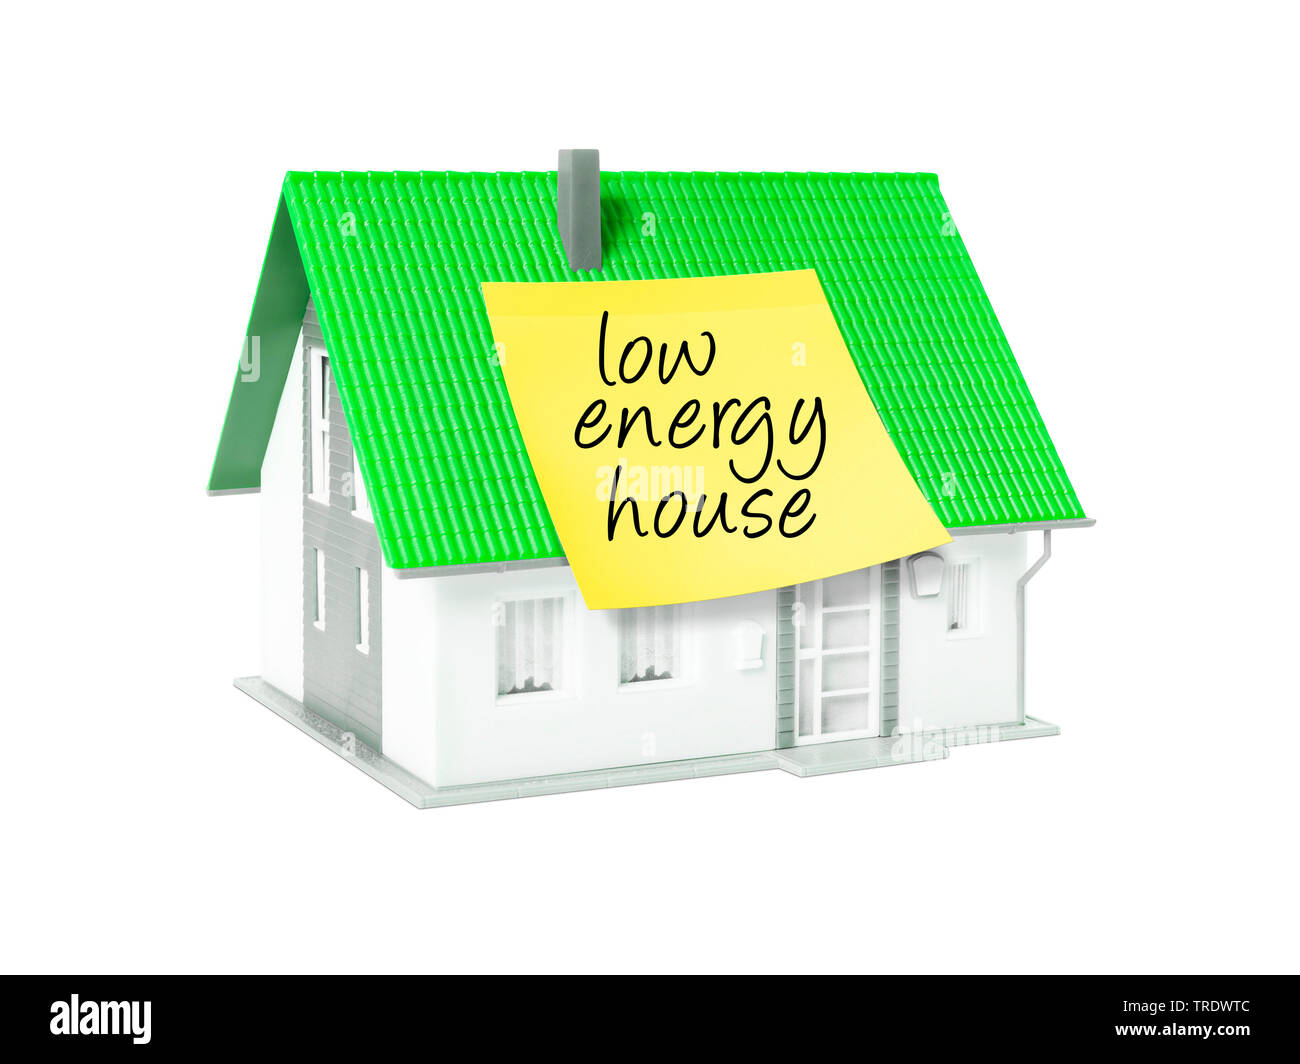 3D-Computergrafik, Alleinstehendes Einfamilienhaus mit gelbem Klebezettel mit der Aufschrift LOW ENERGY HOUSE (Niedrigenergiehaus) | 3D computer graph - Stock Image